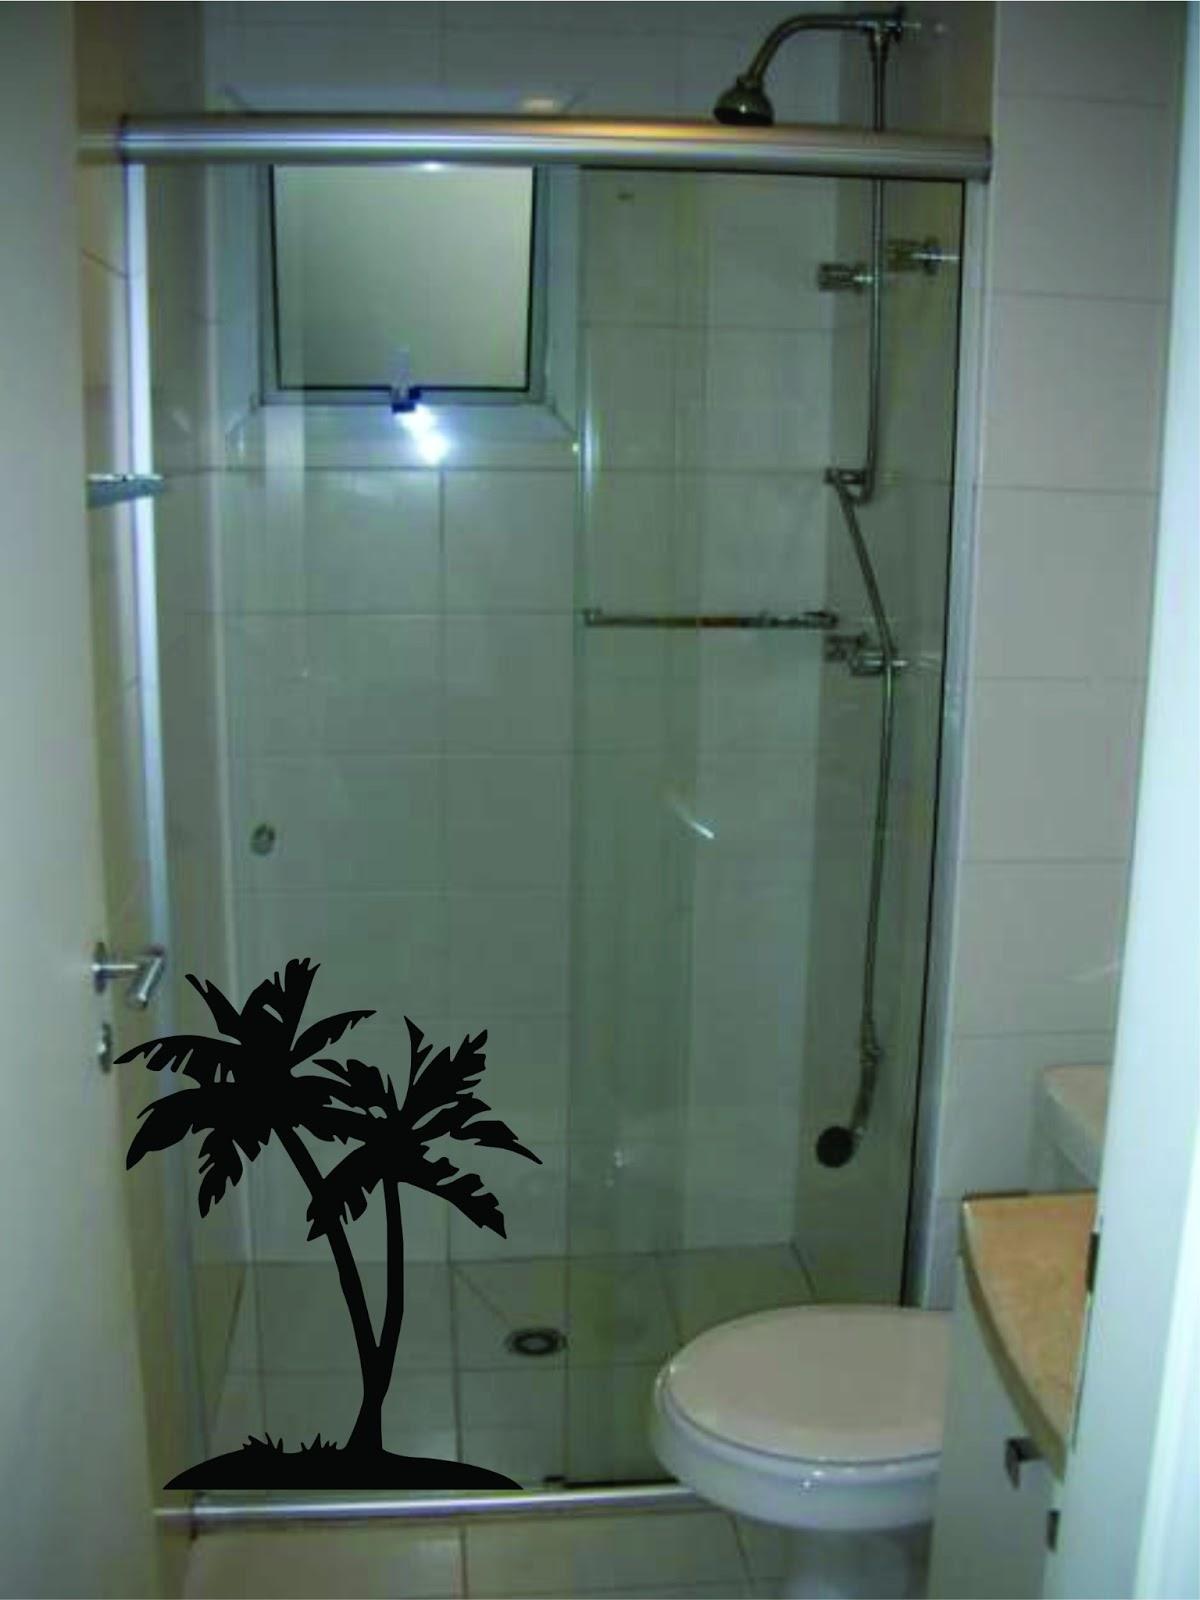 Imagens de #31829A Adesivo decorativo box banheiro/Jateado/Pastilhas Adesivas Bauru 1200x1600 px 2138 Box De Vidro Para Banheiro Passo Fundo